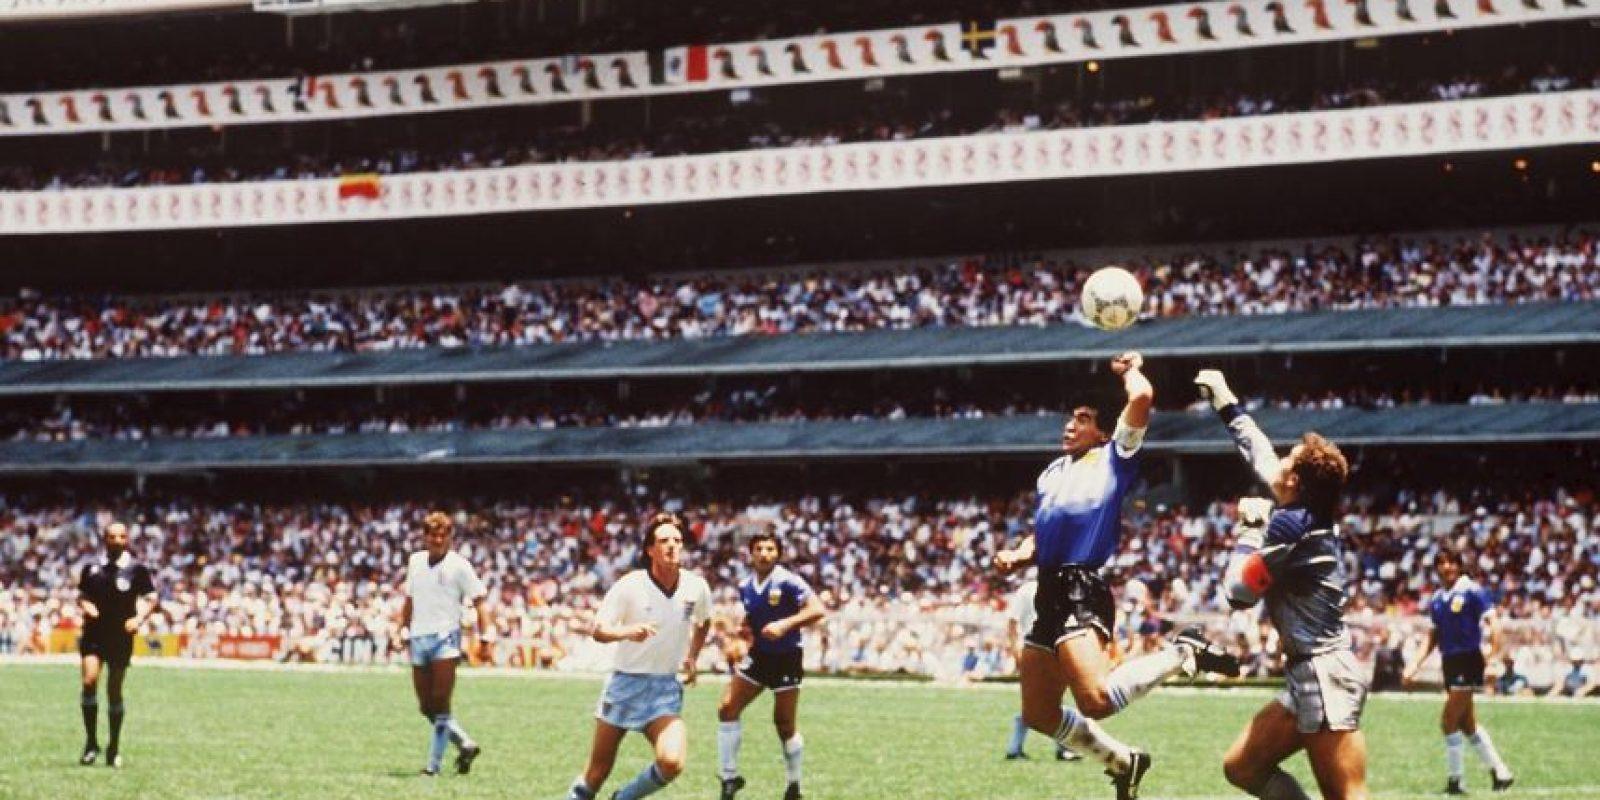 El gol más famoso de Diego Armando Maradona, anotado en México 1986. Foto:Getty Images